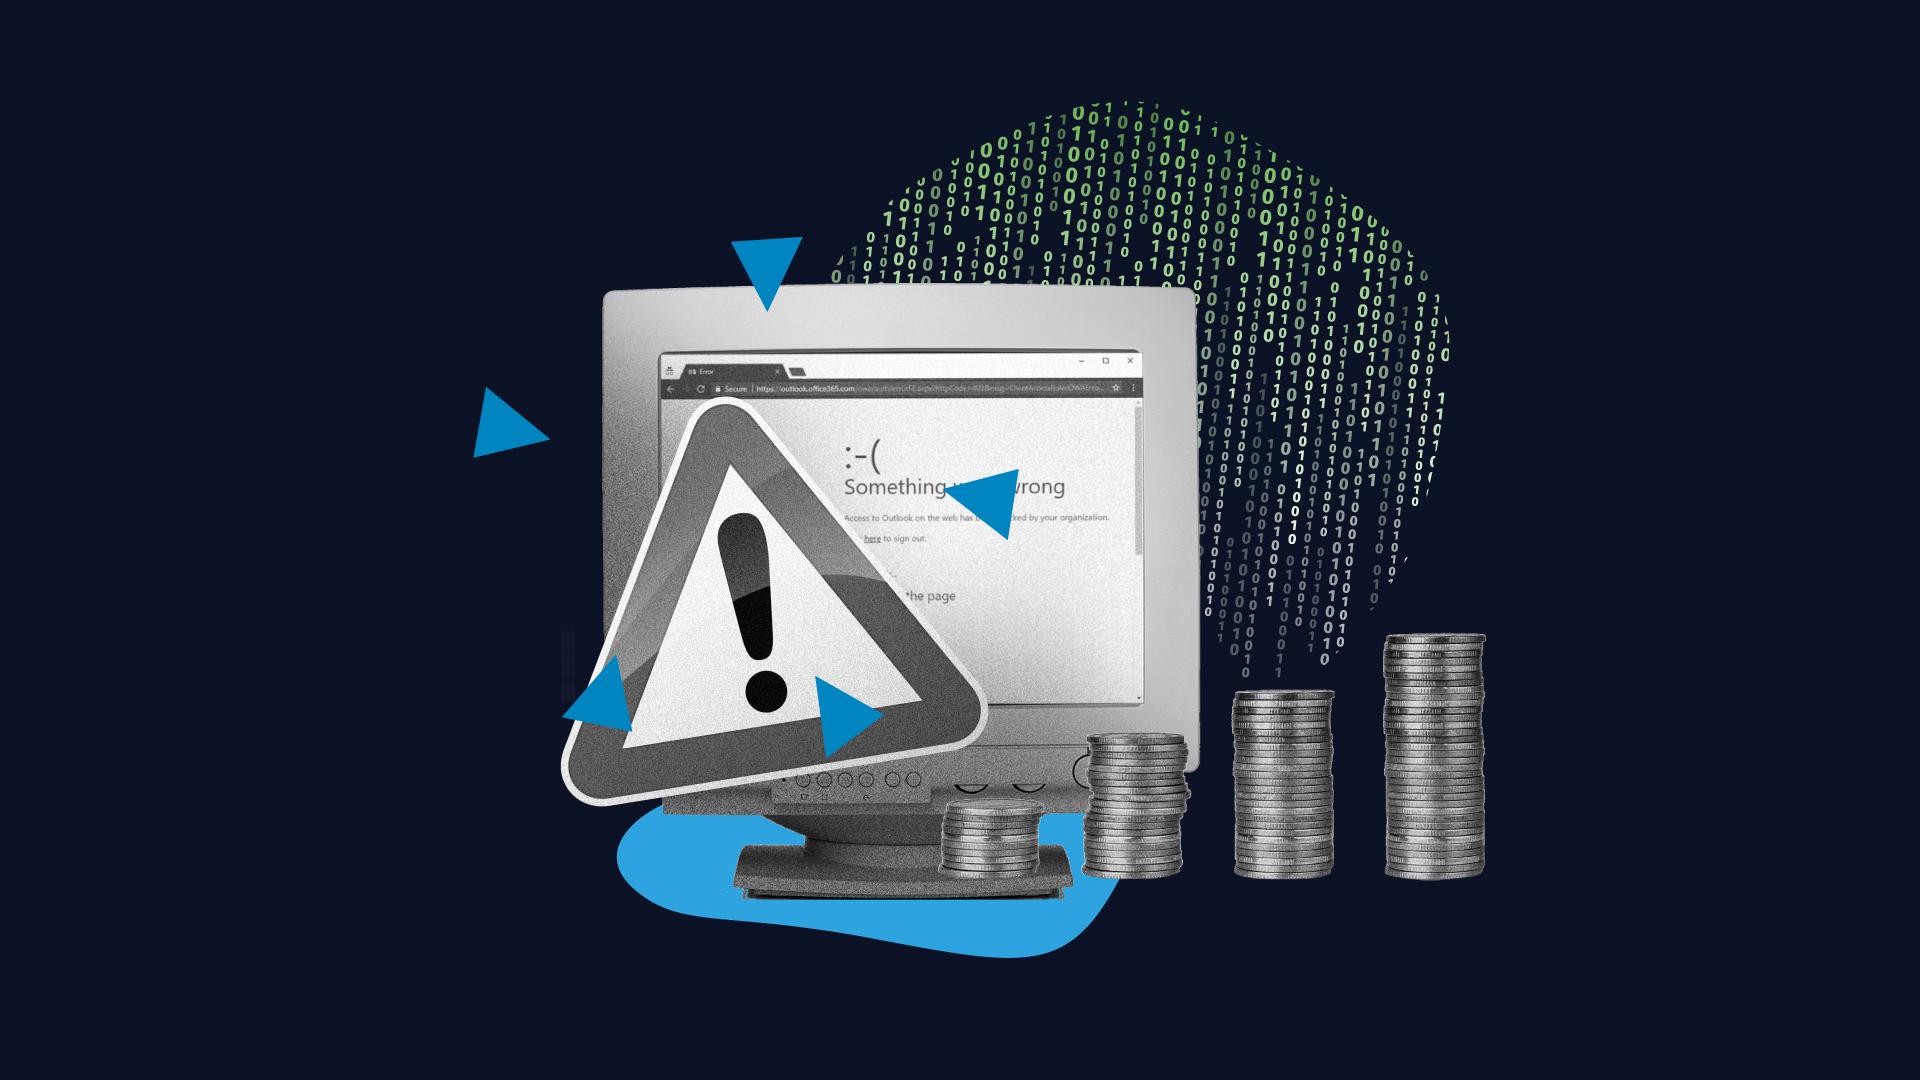 الأمن السيبراني: حصّن أعمالك من التهديدات الإلكترونية المستقبلية